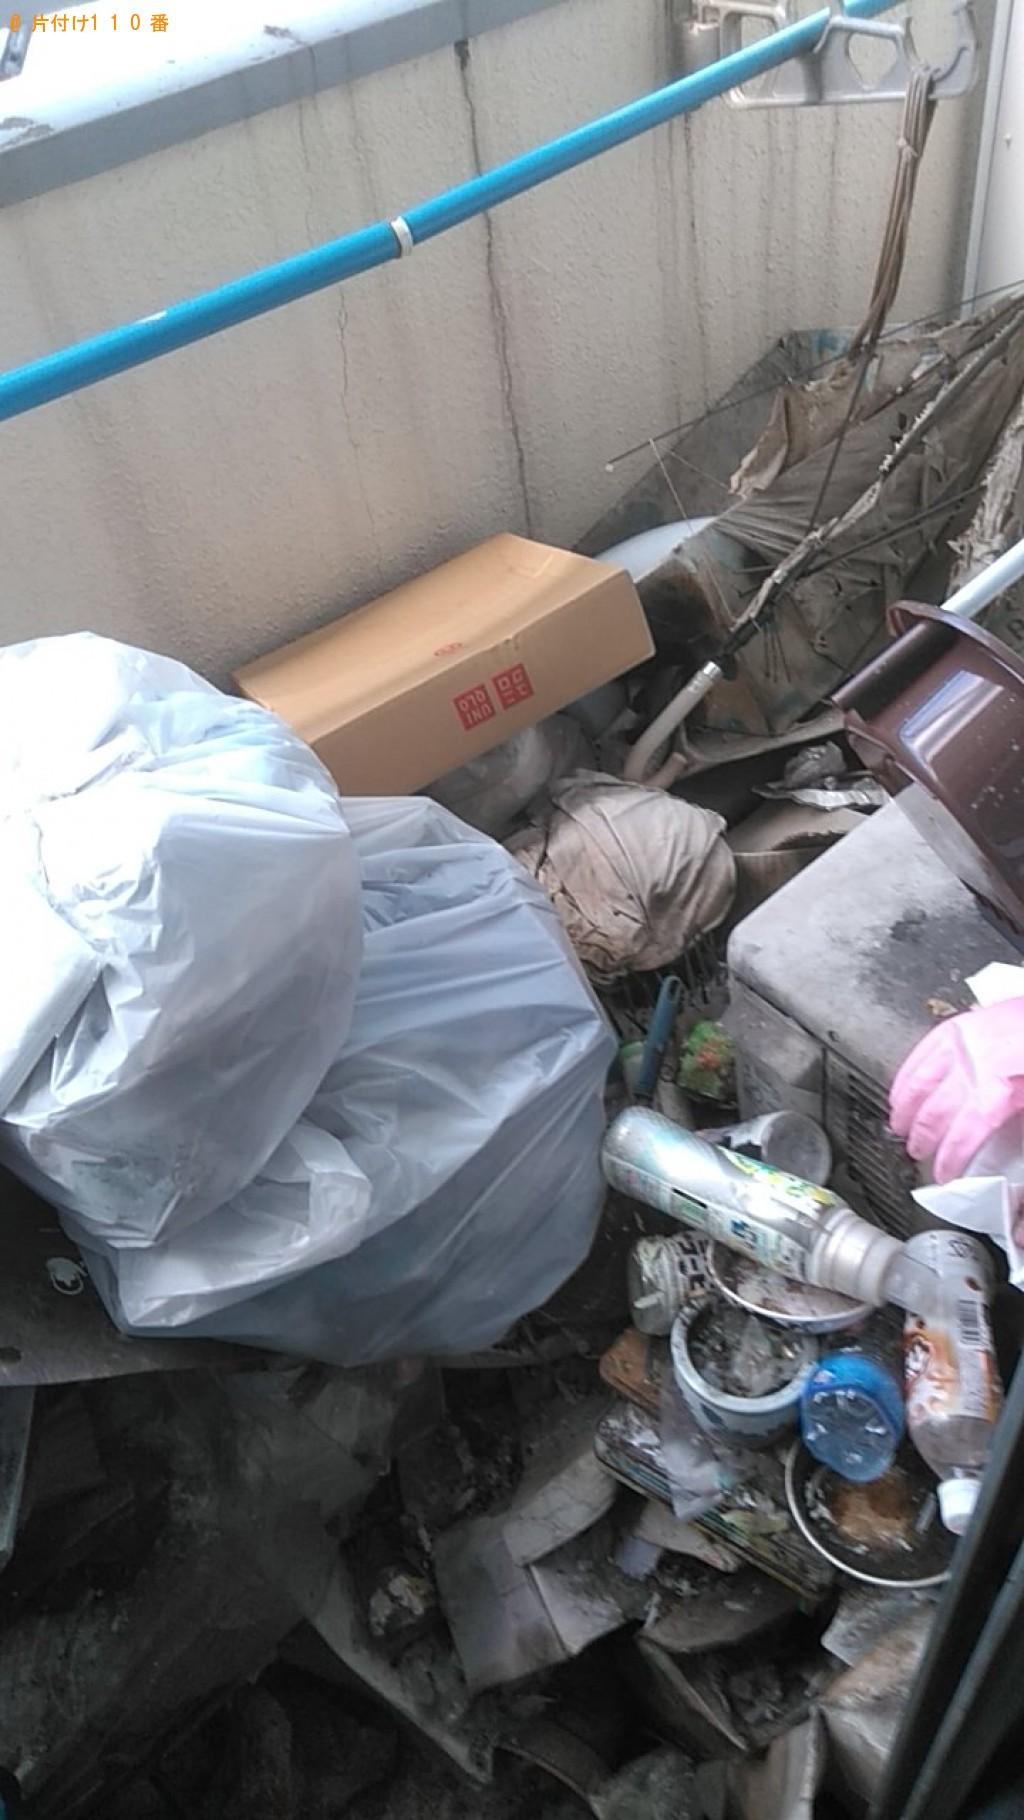 【松山市】物干しざお、植木鉢、家庭ごみ等の回収・処分 お客様の声